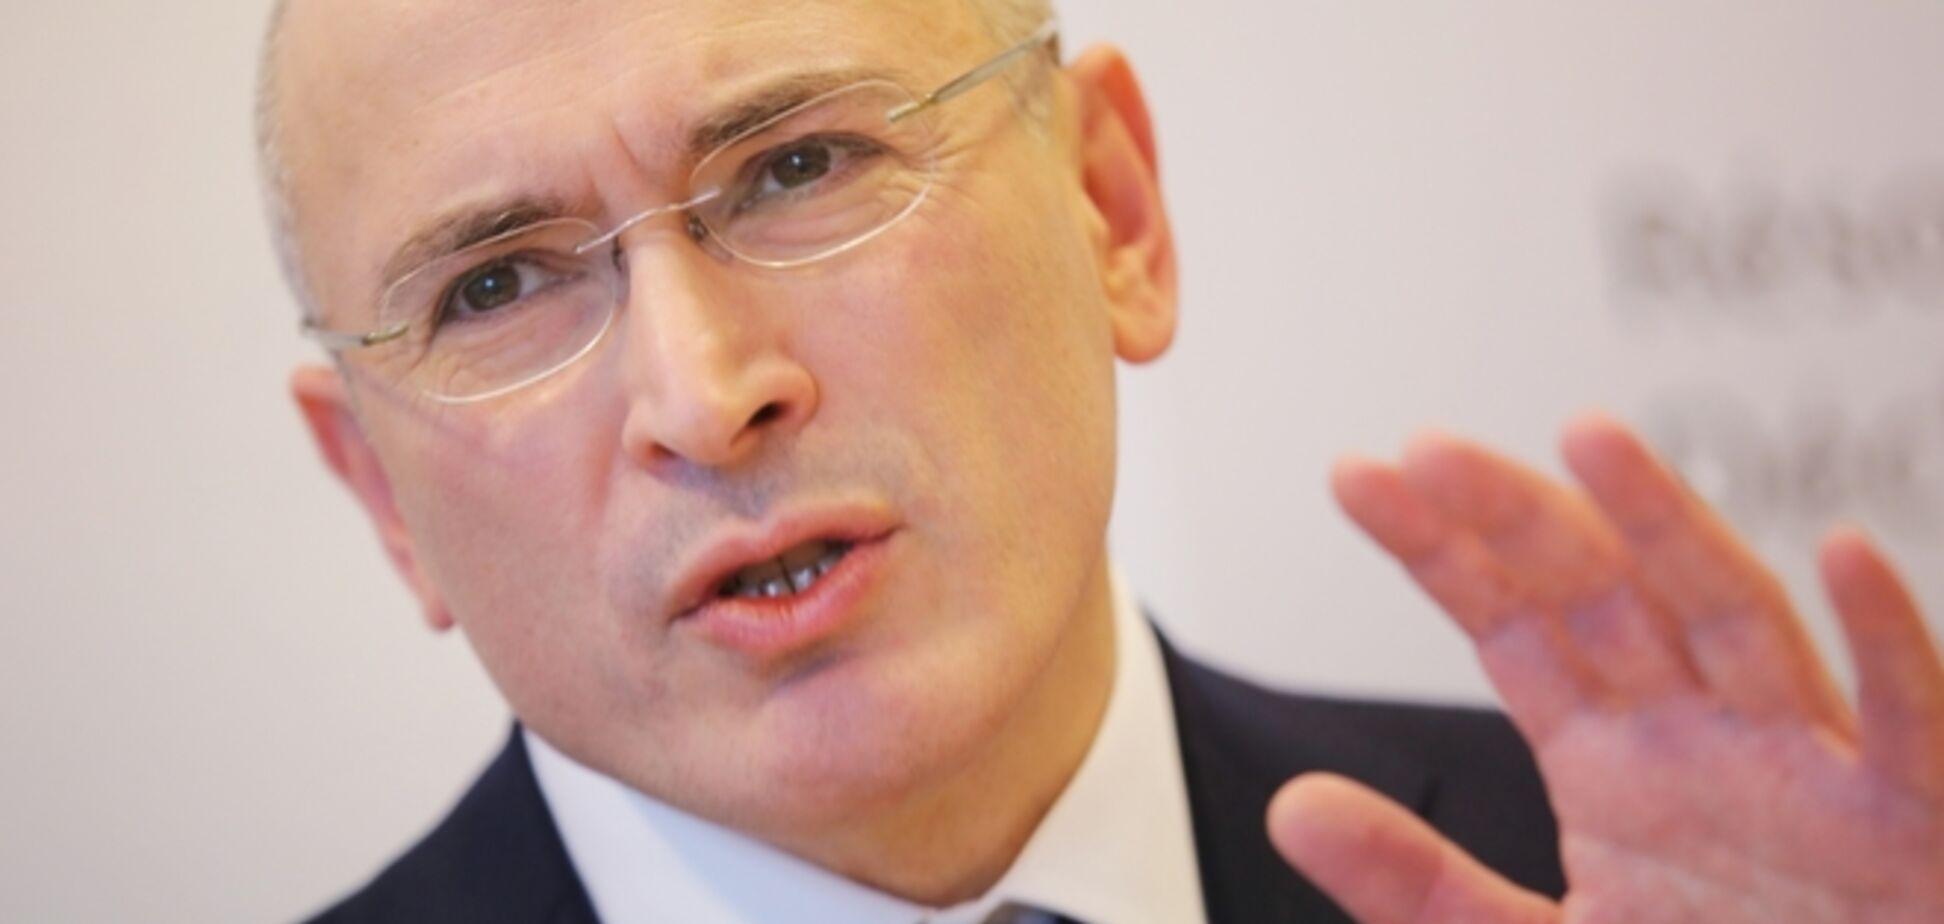 Донбас може розгойдати Росію, як ніяка опозиція - Ходорковський